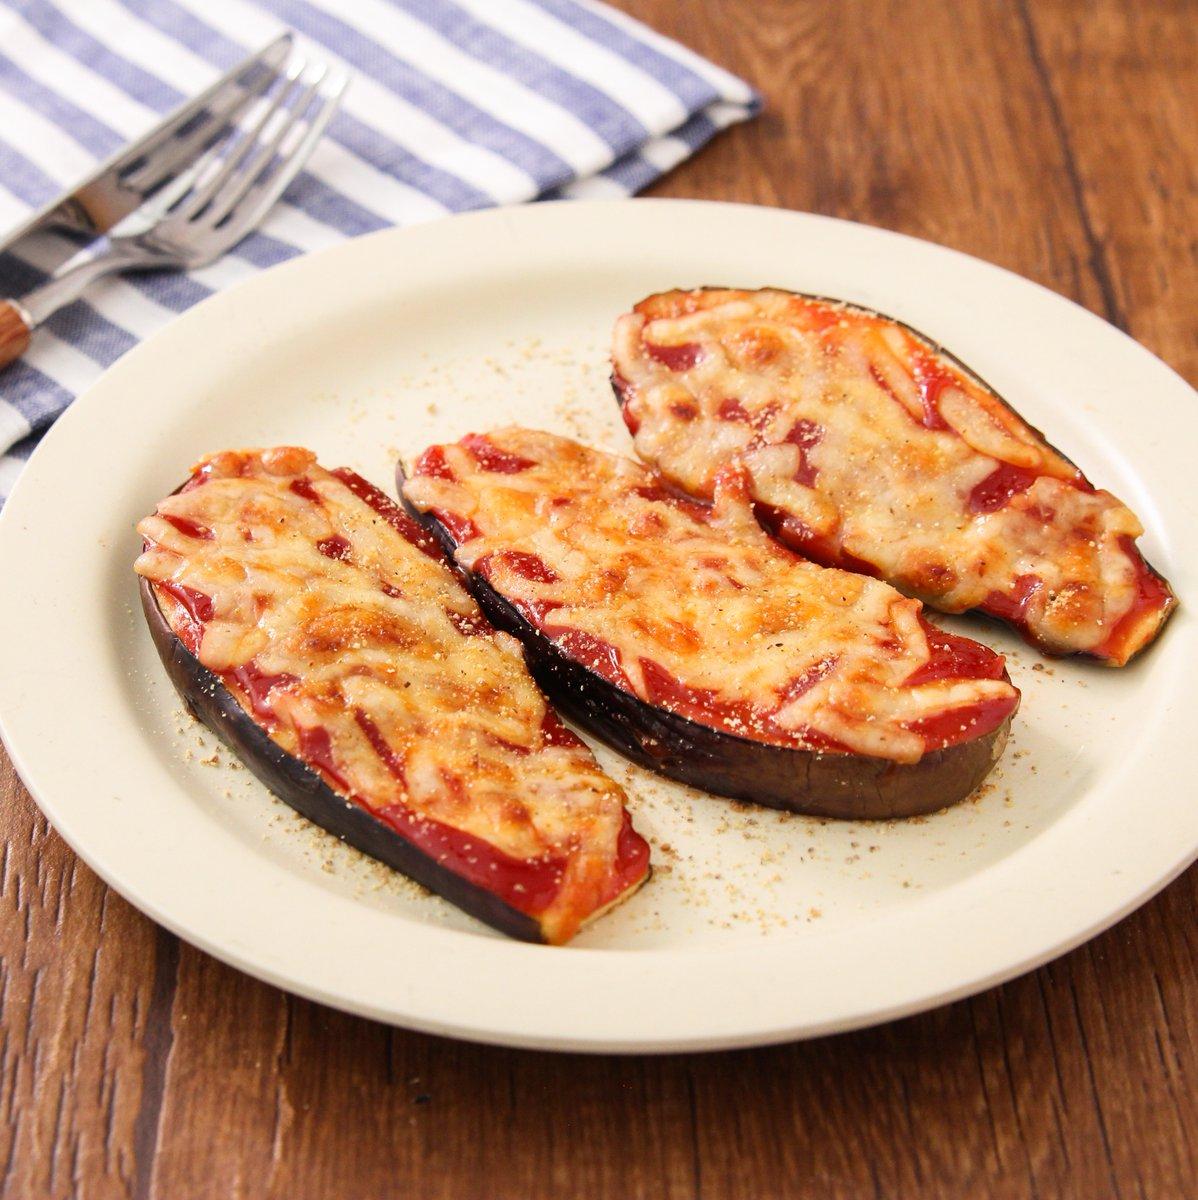 一口食べたらおかわりしたい…ってなる美味しさ。焼くまで5分! ケチャップ×麺つゆのソースが旨…トースターで【やみつきのなすピザ風】キチントさん フライパン用ホイルシートしいた天板になすのせケチャップ大1、麺つゆ小1混ぜ塗りピザ用チーズ大3のせ240度トースターで6分程焼き胡椒ふる